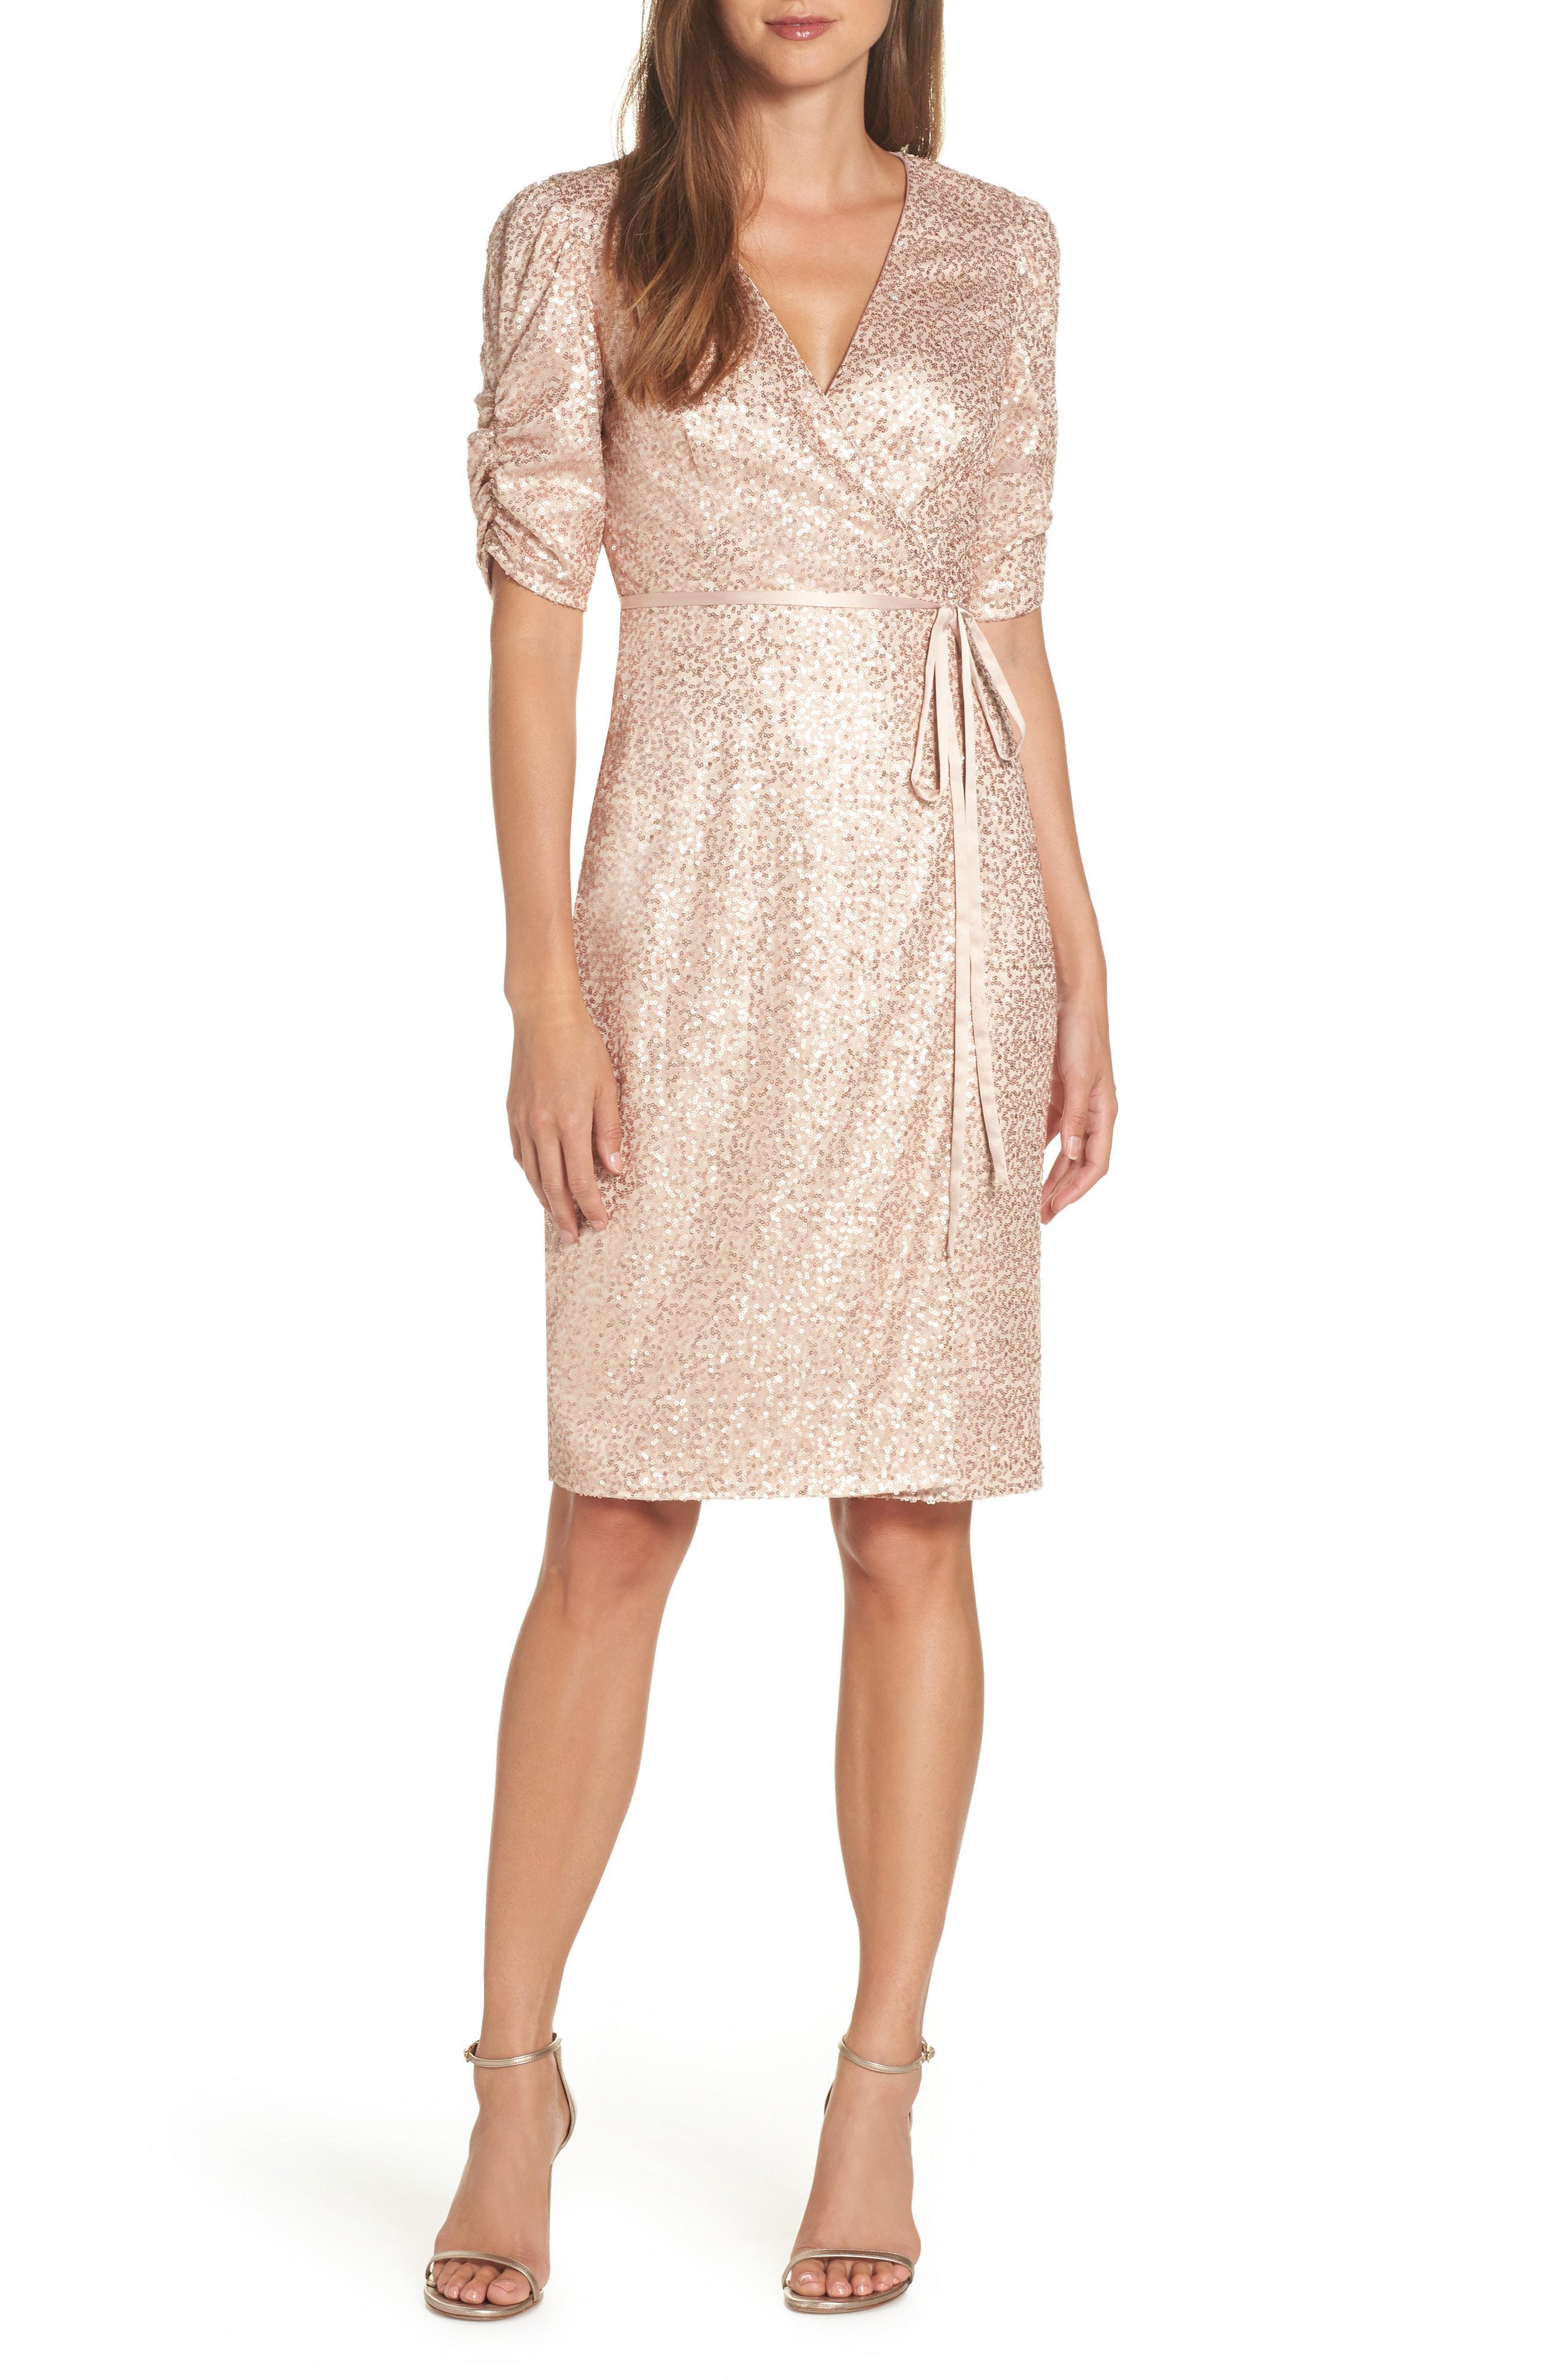 96826941f21 Lyst - Eliza J Sequin Faux Wrap Dress - Save 40%